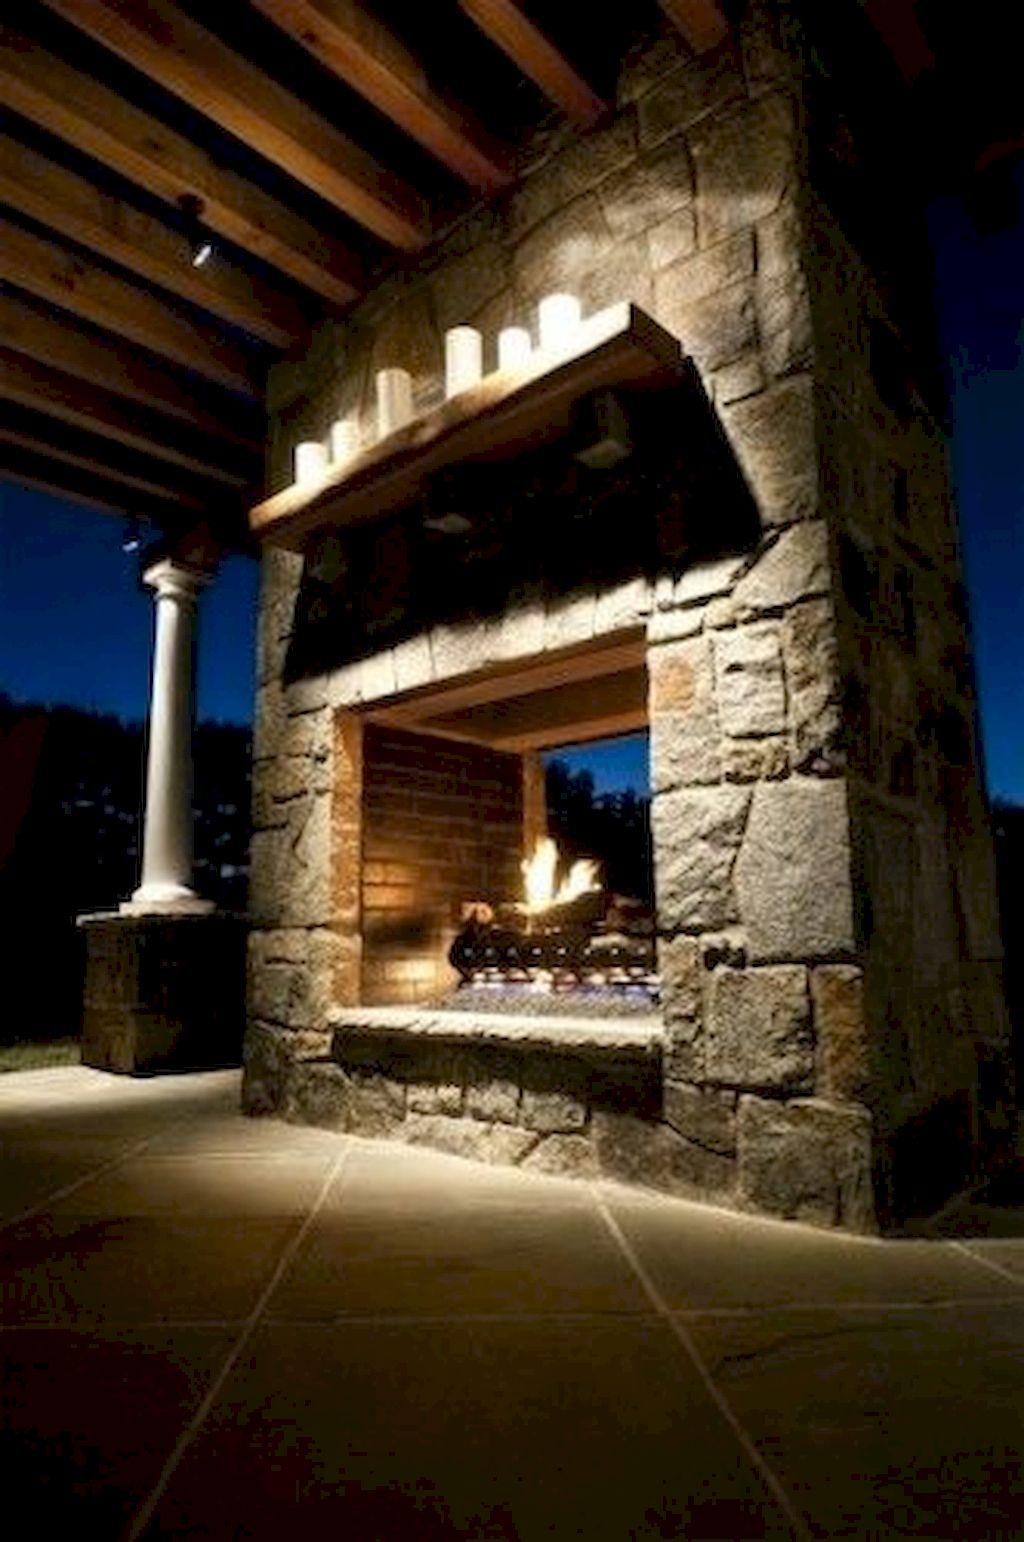 Backyard Fireplace056